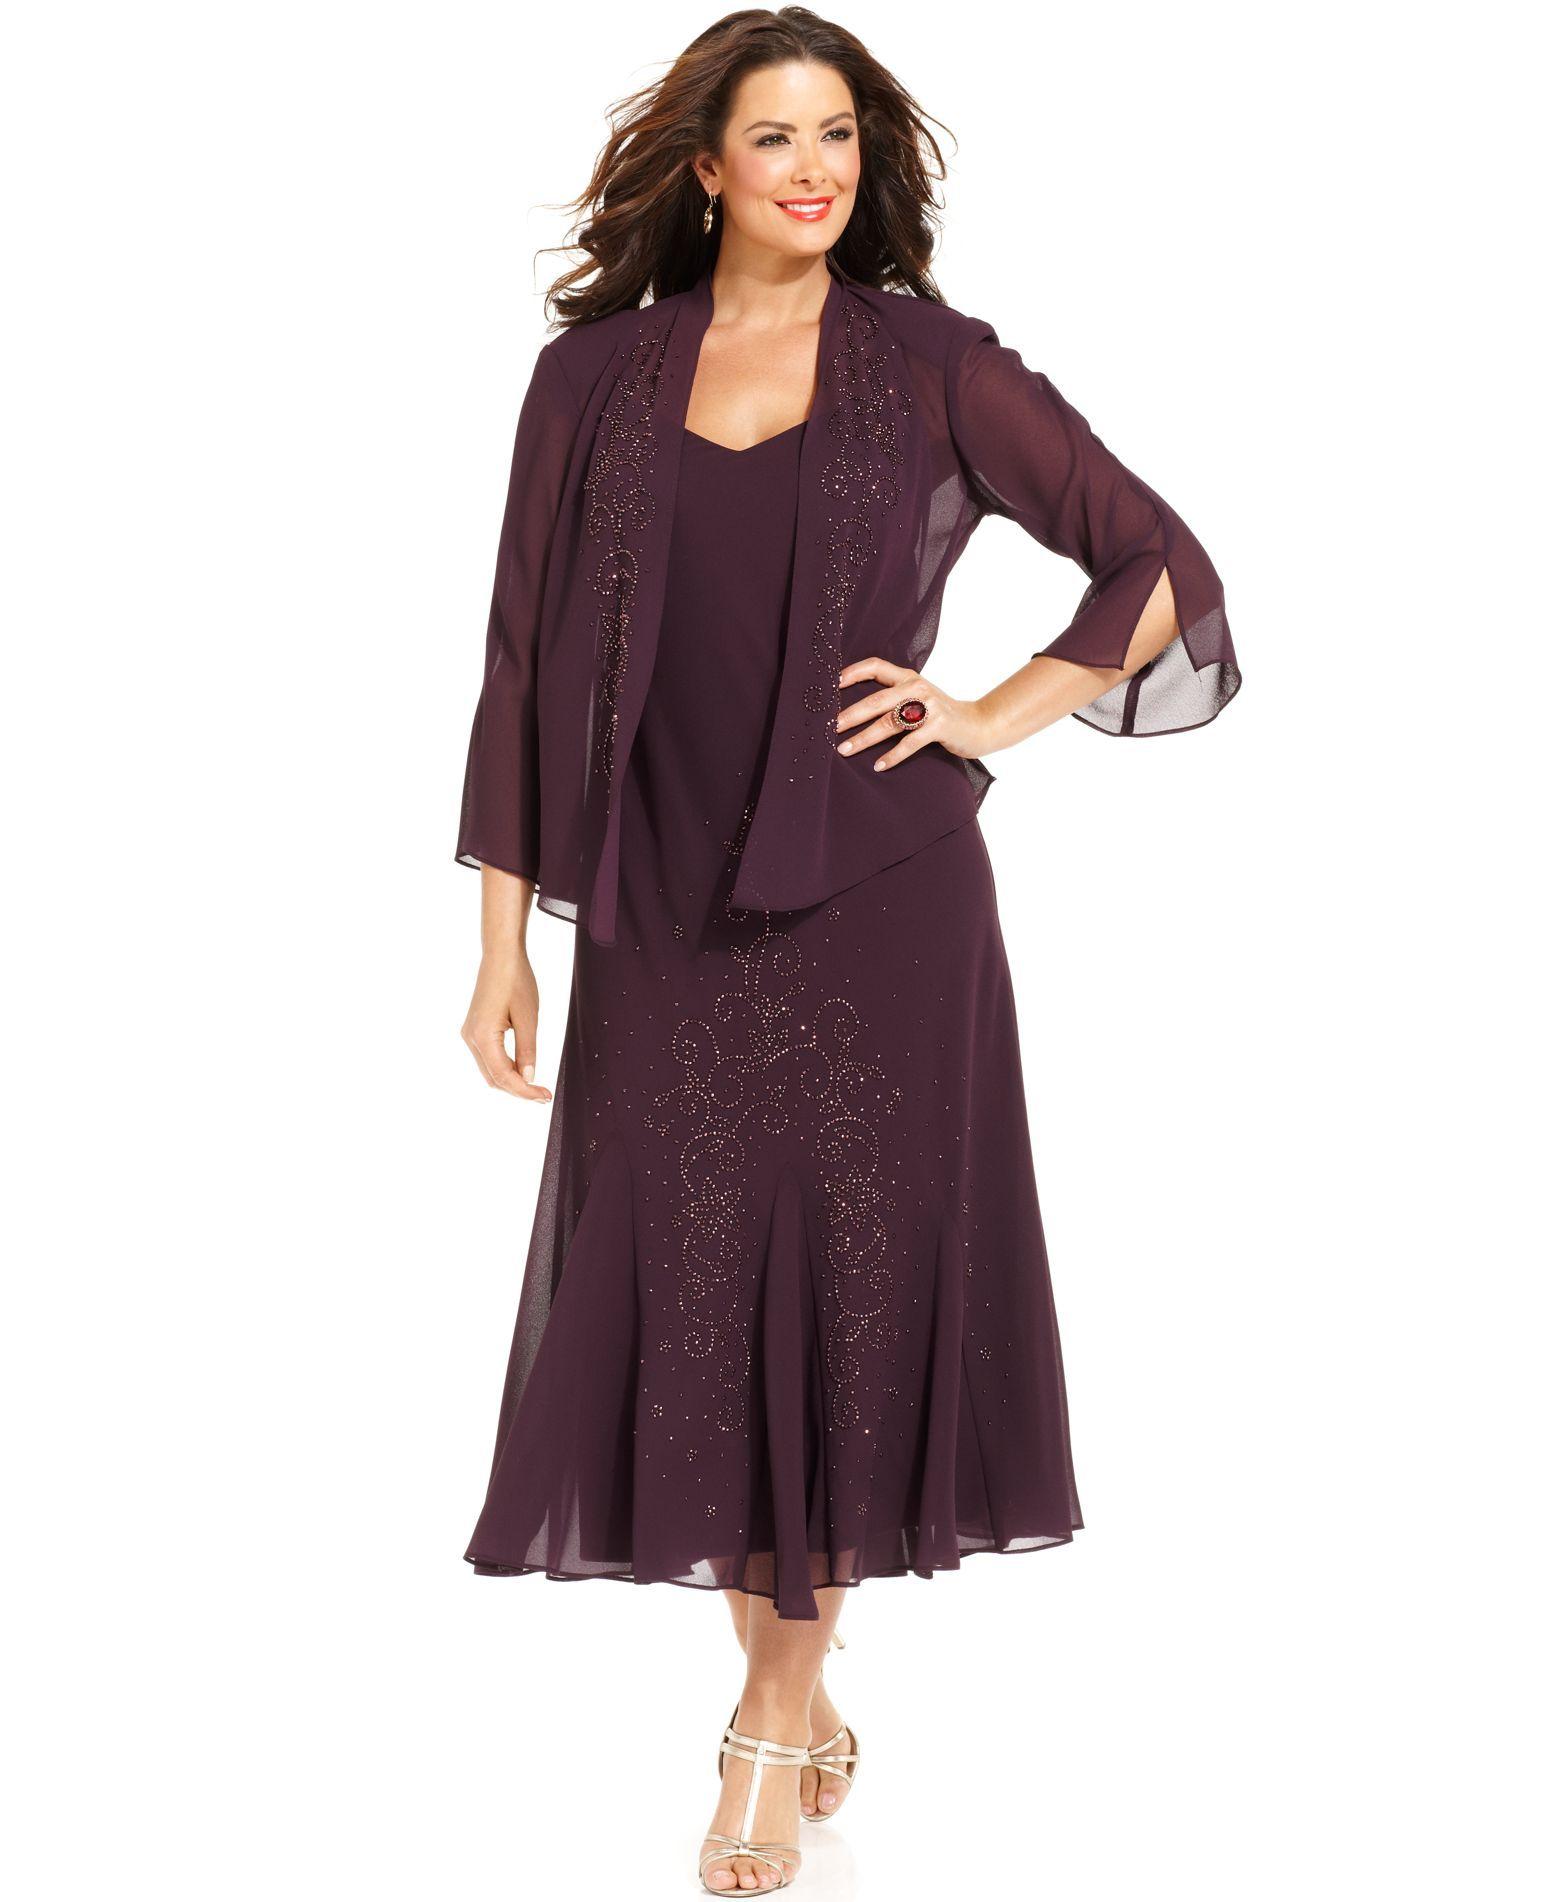 6813493fe0b07 R M Richards Plus Size Beaded V-Neck Dress and Jacket